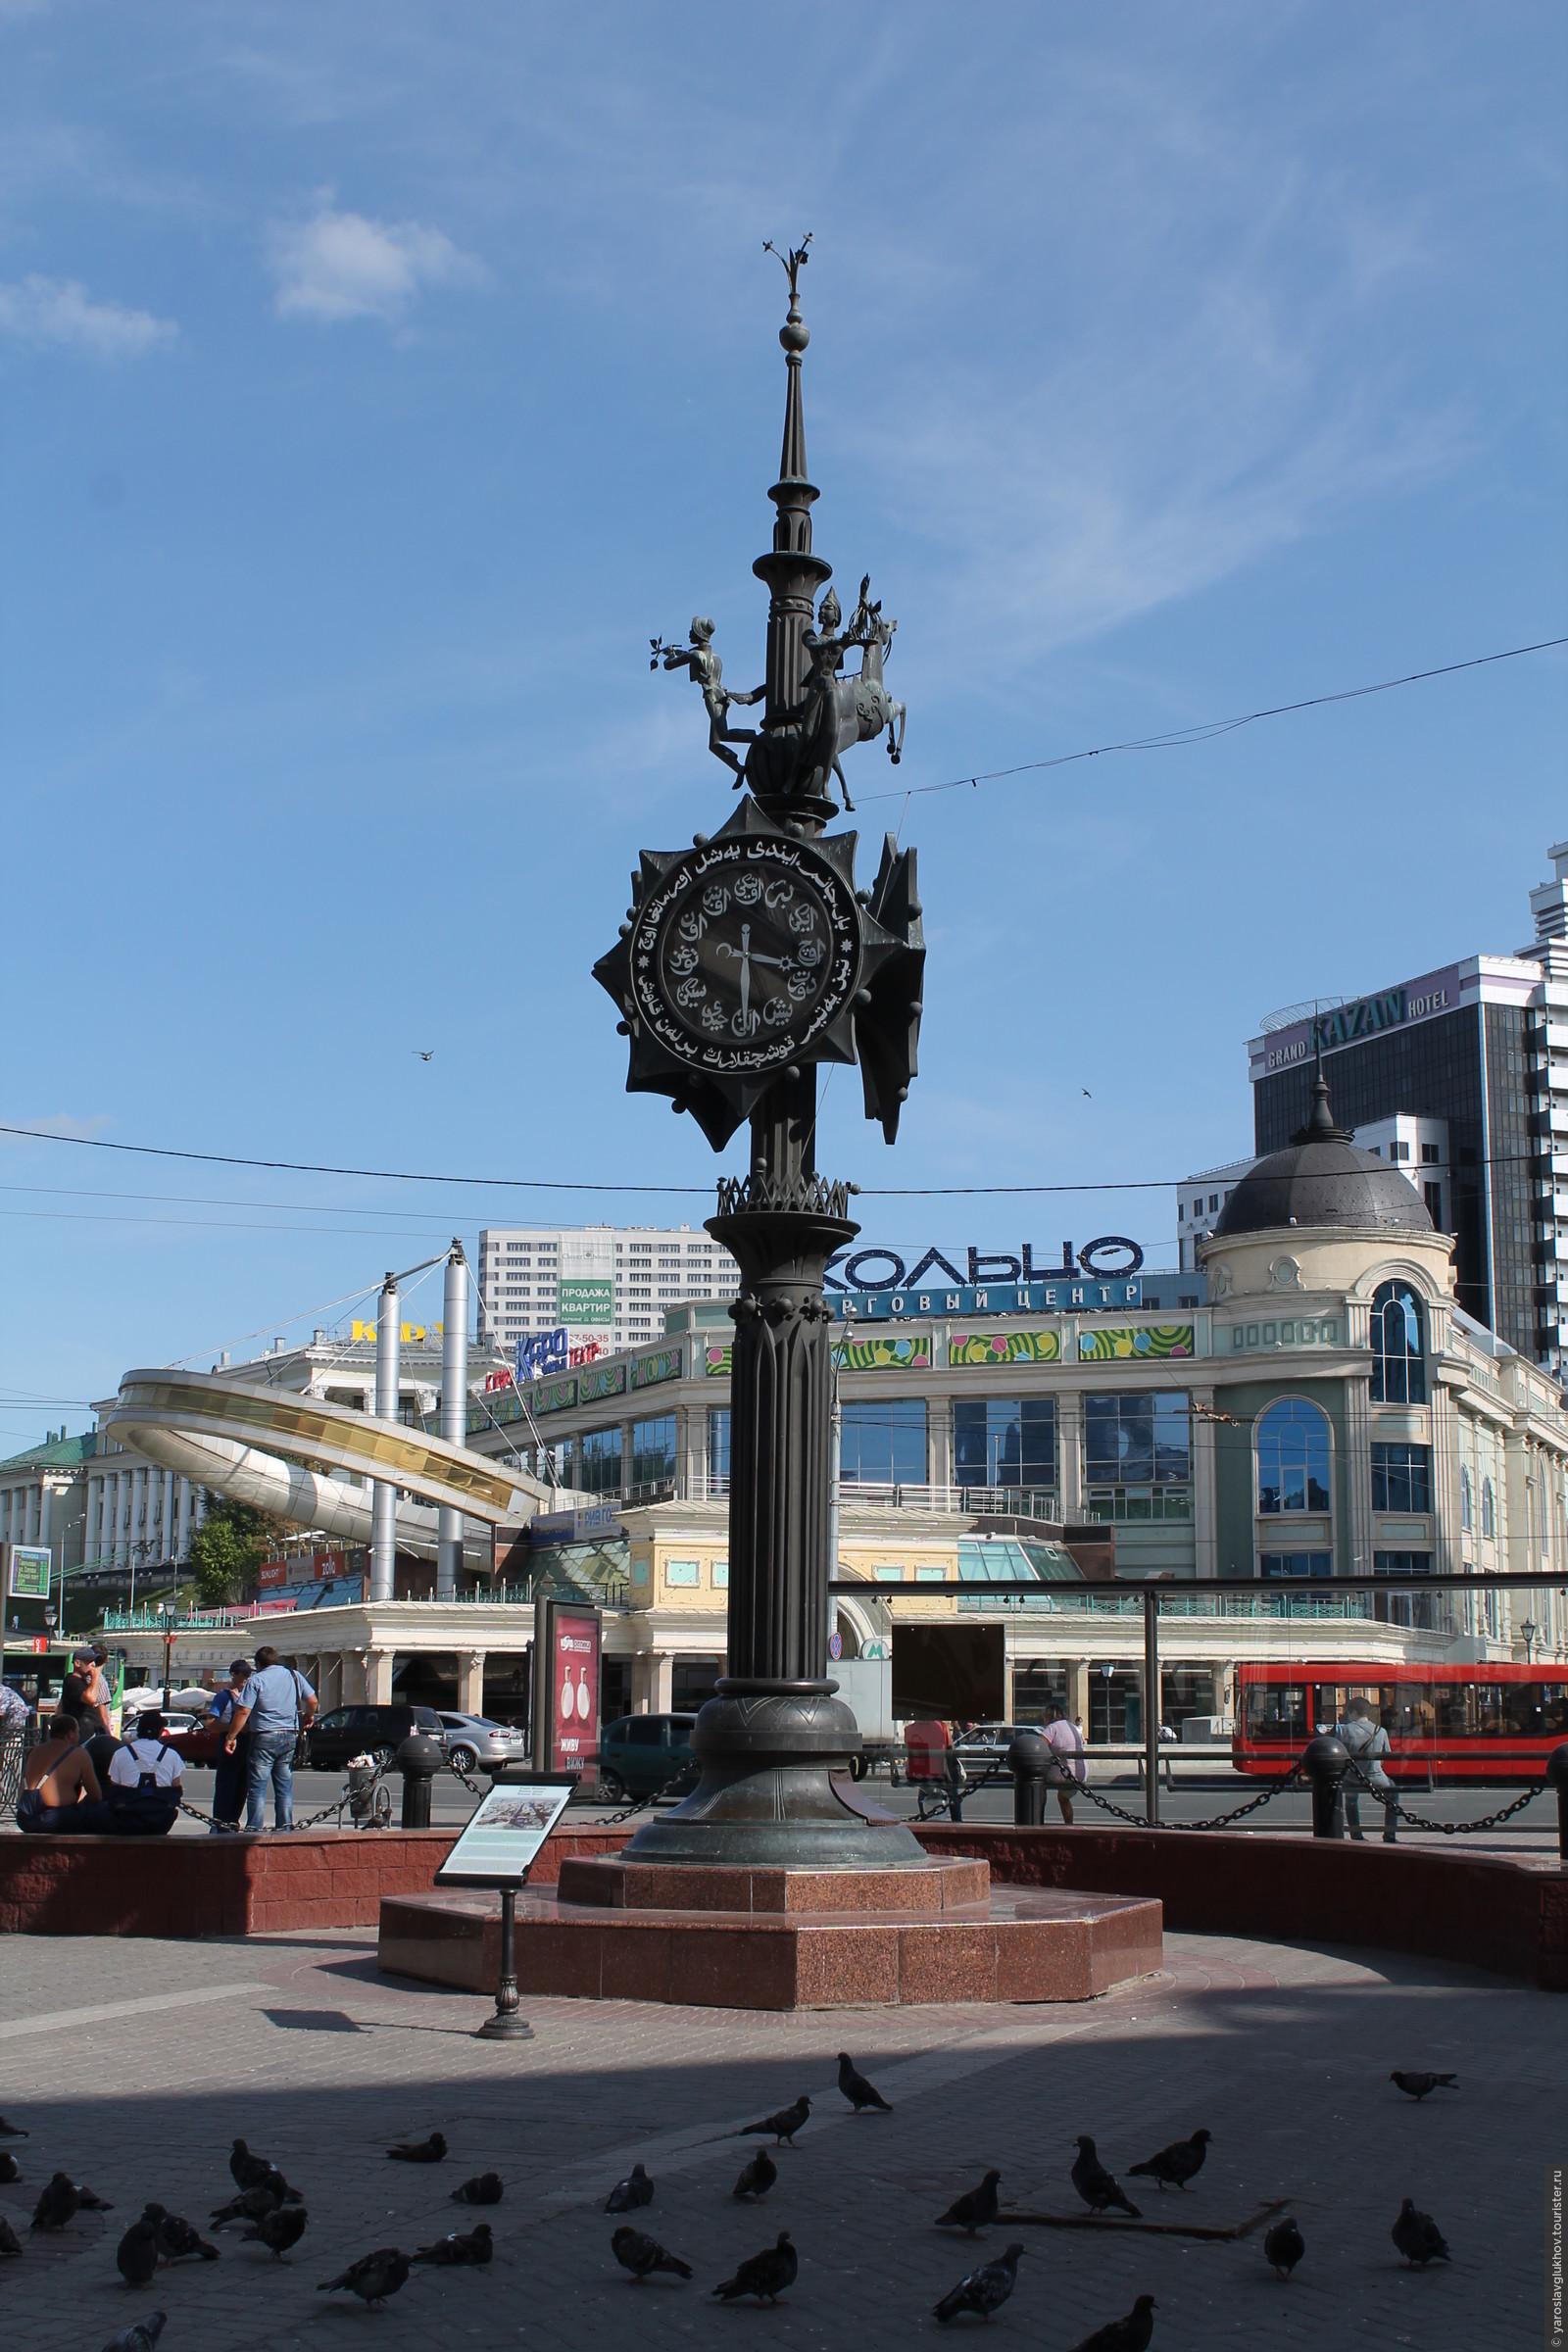 Часы на улице баумана – это монументально-декоративная композиция с часами, вылитая из бронзы, которая установлена в году в казани в начале известной улицы.